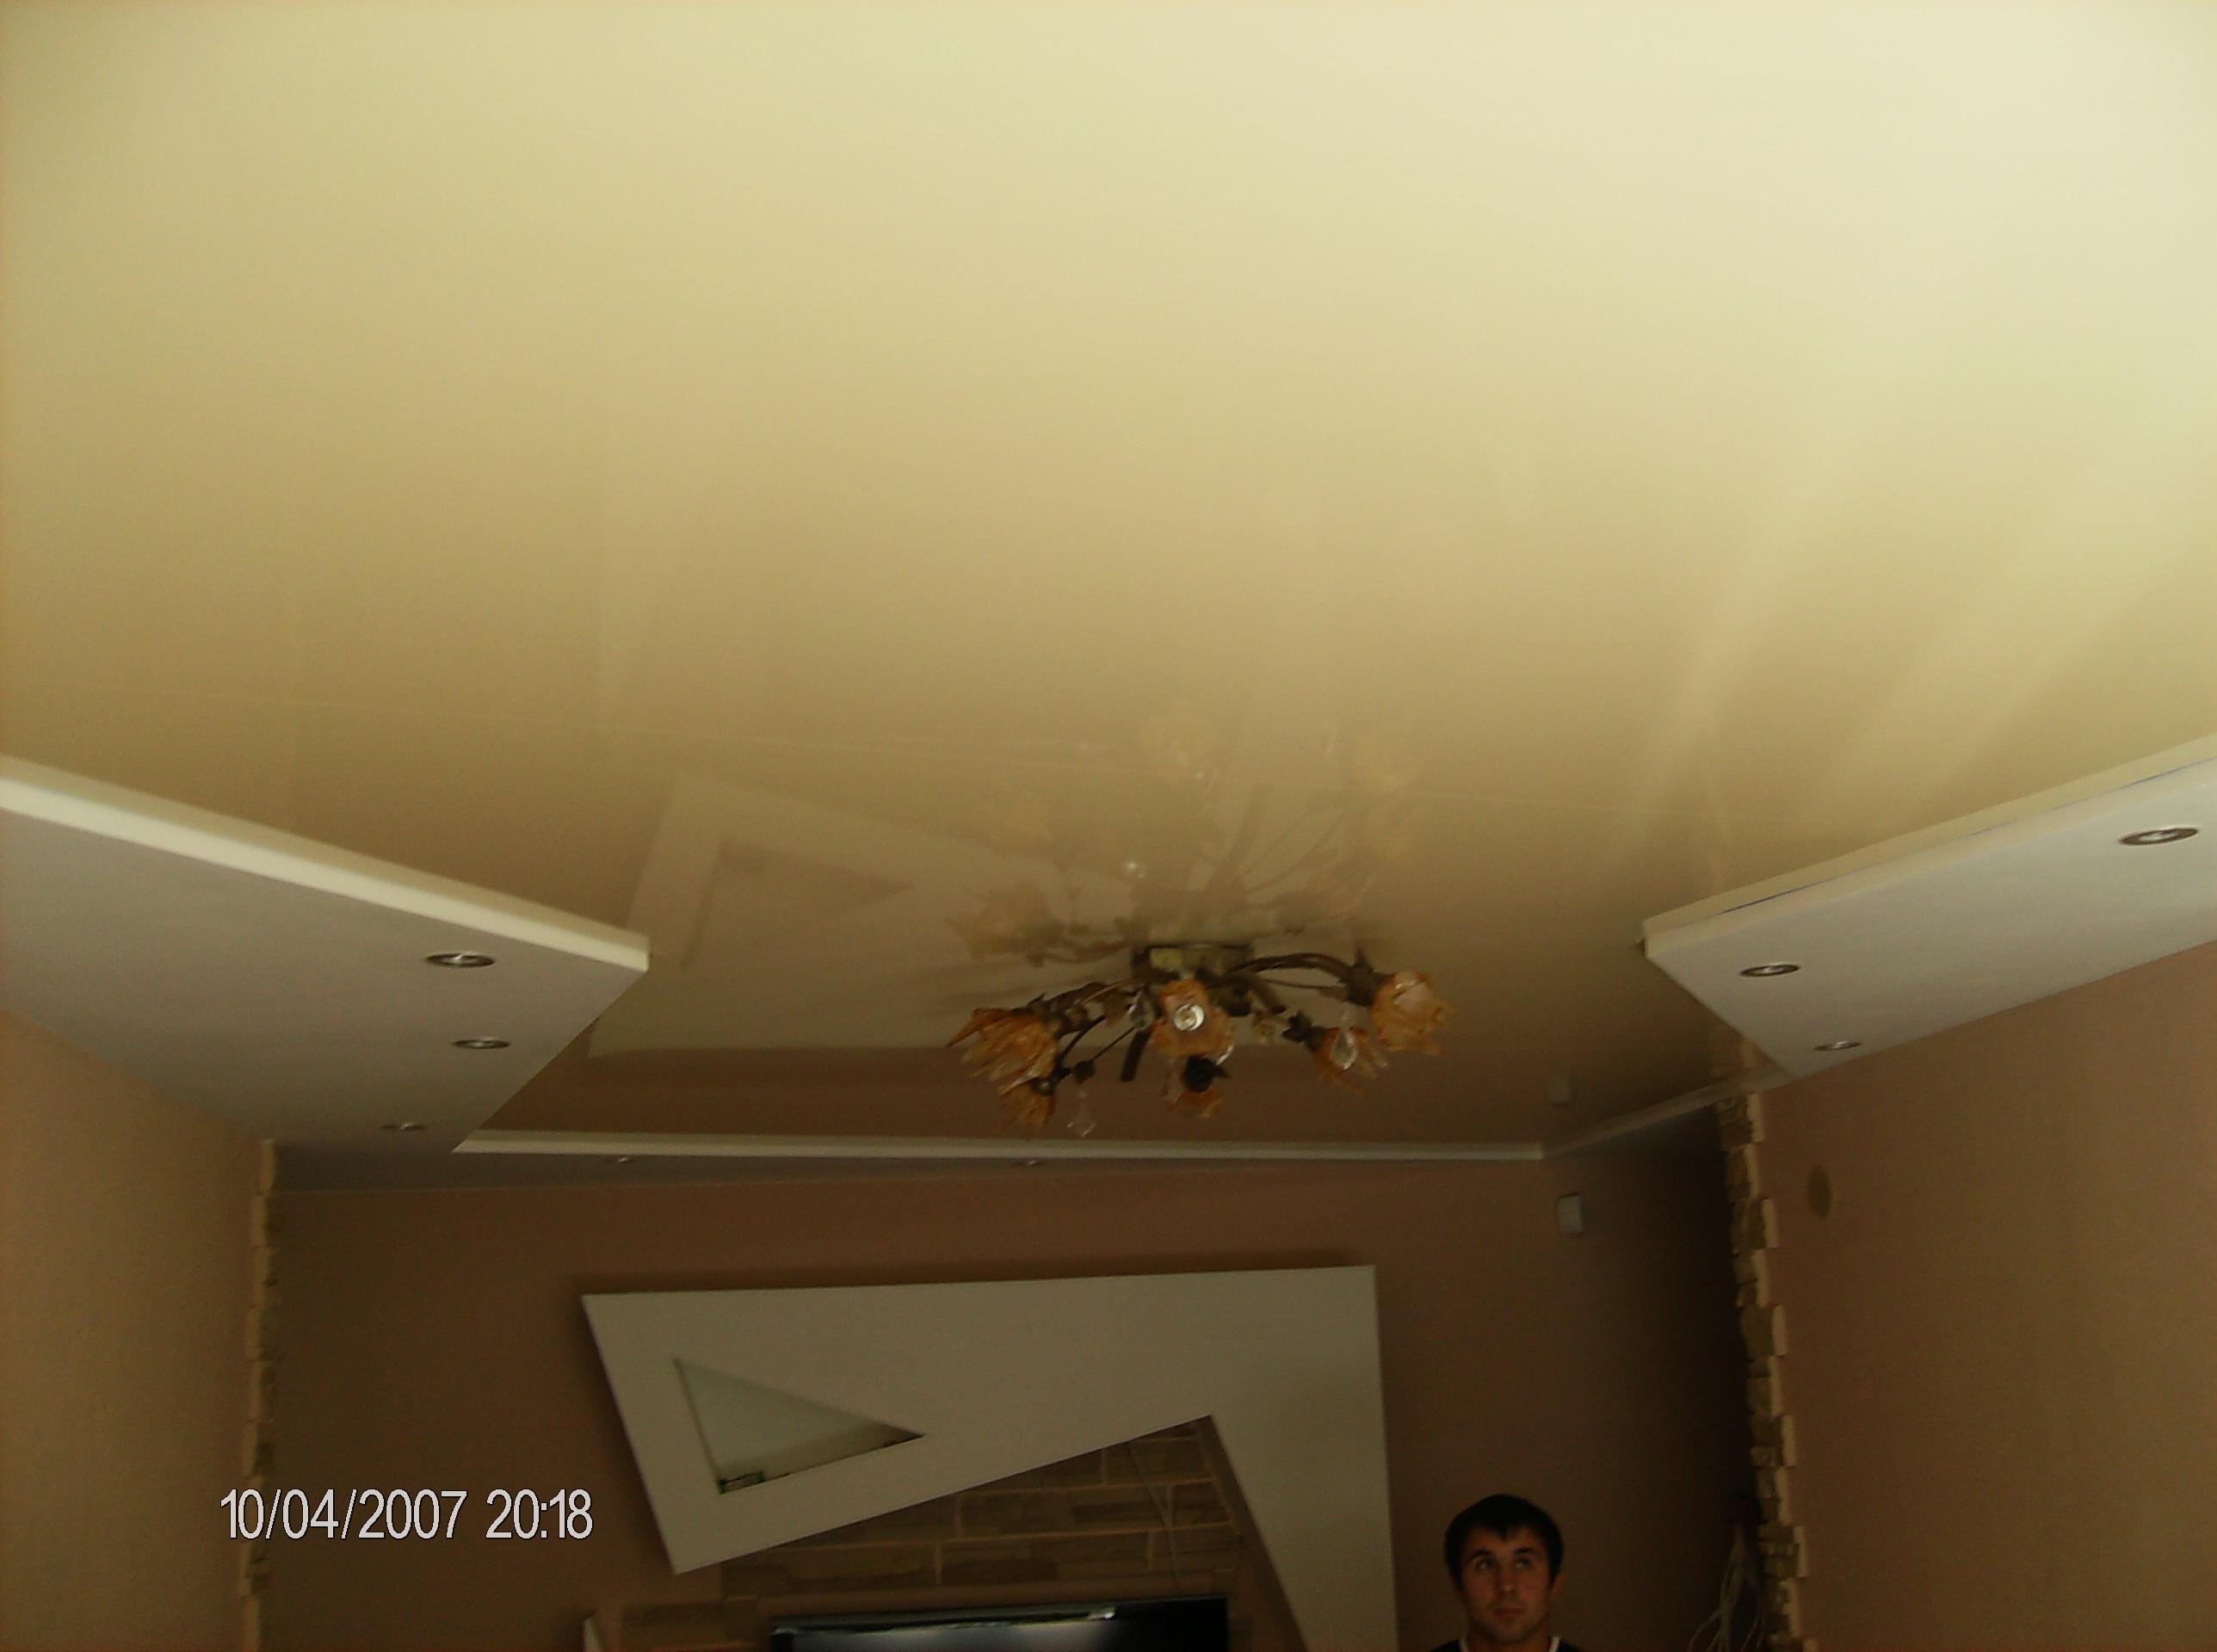 plafond suspendu jonquiere caen meilleurs sites devis travaux entreprise ppknr. Black Bedroom Furniture Sets. Home Design Ideas